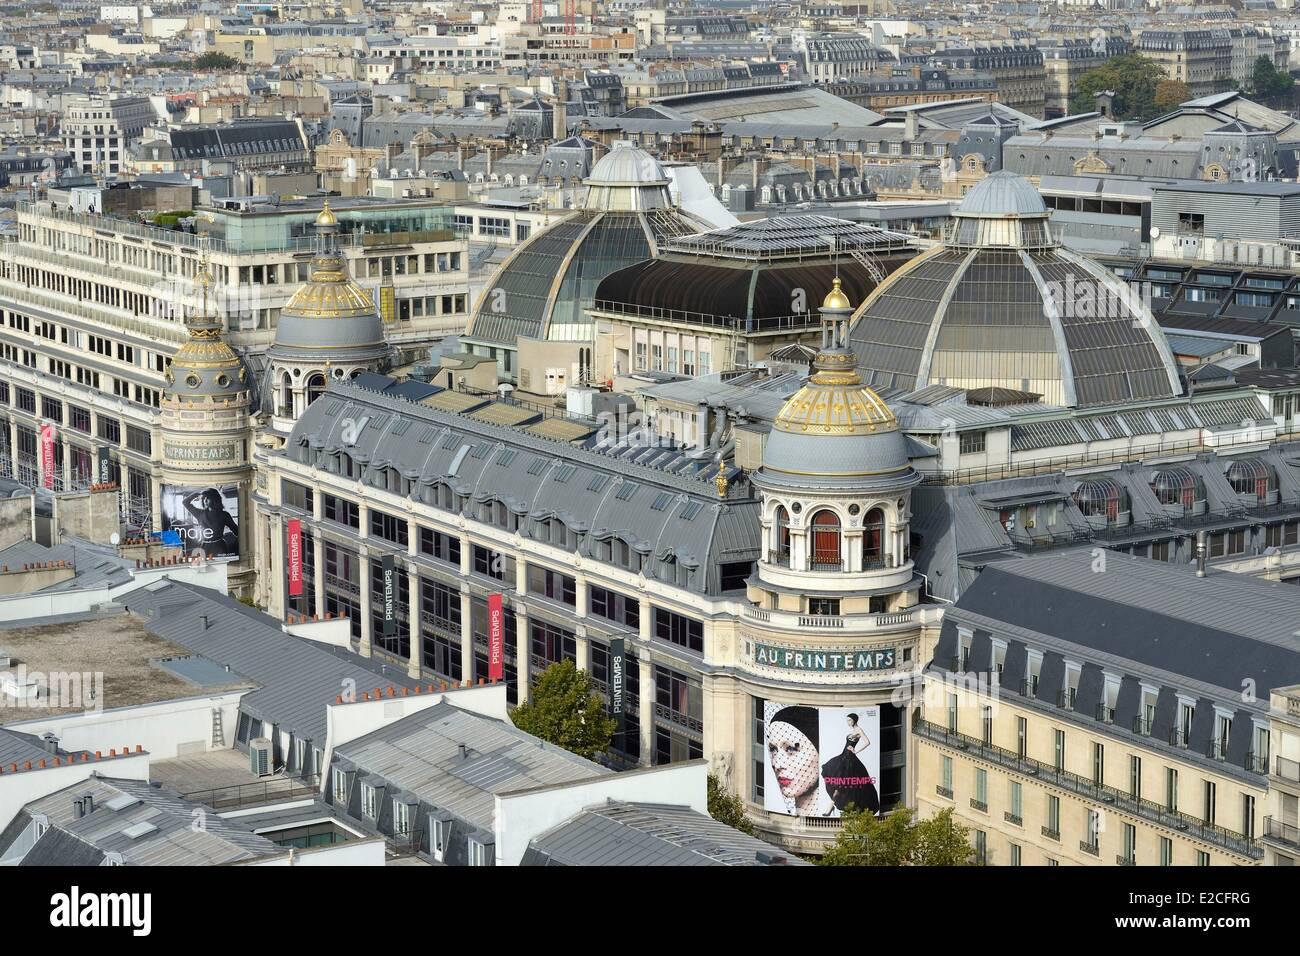 France, Paris, the department store Le Printemps - Stock Image